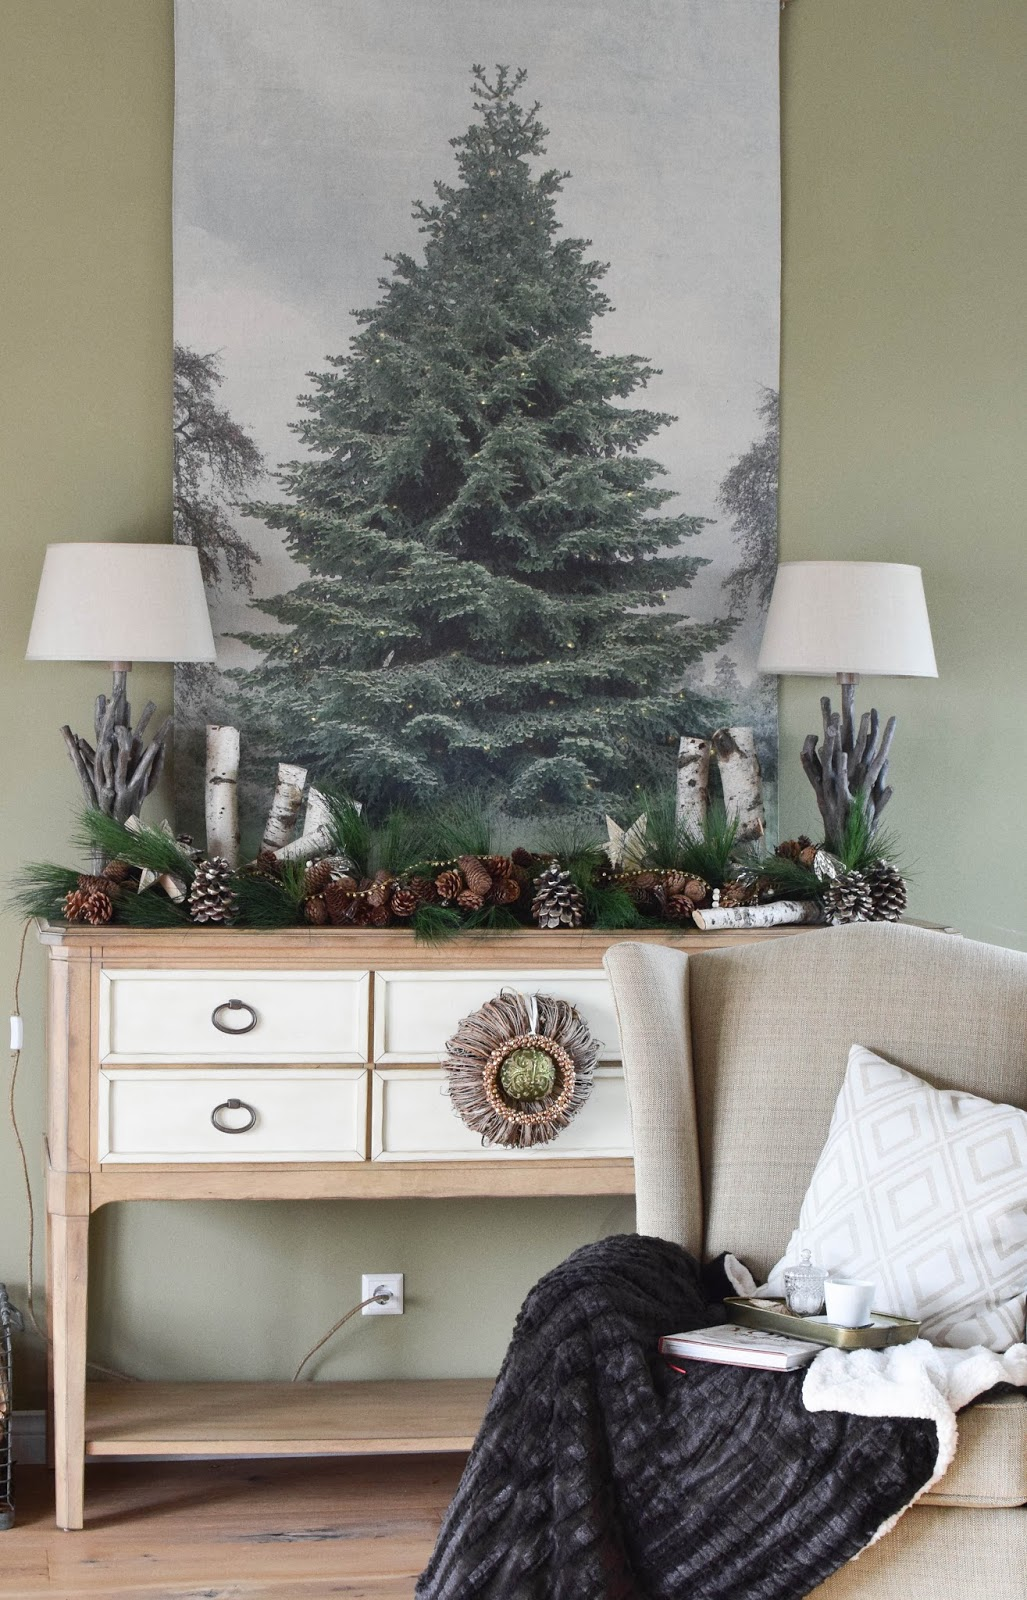 Weihnachtsbaum für die Wand: Weihnachtsdeko mal anders. Einfach und schnelle mit Lichterkette Tannenbaum auf Leinwand, Dekoidee, Deko, Weihnachtsdeko, Wohnzimmer